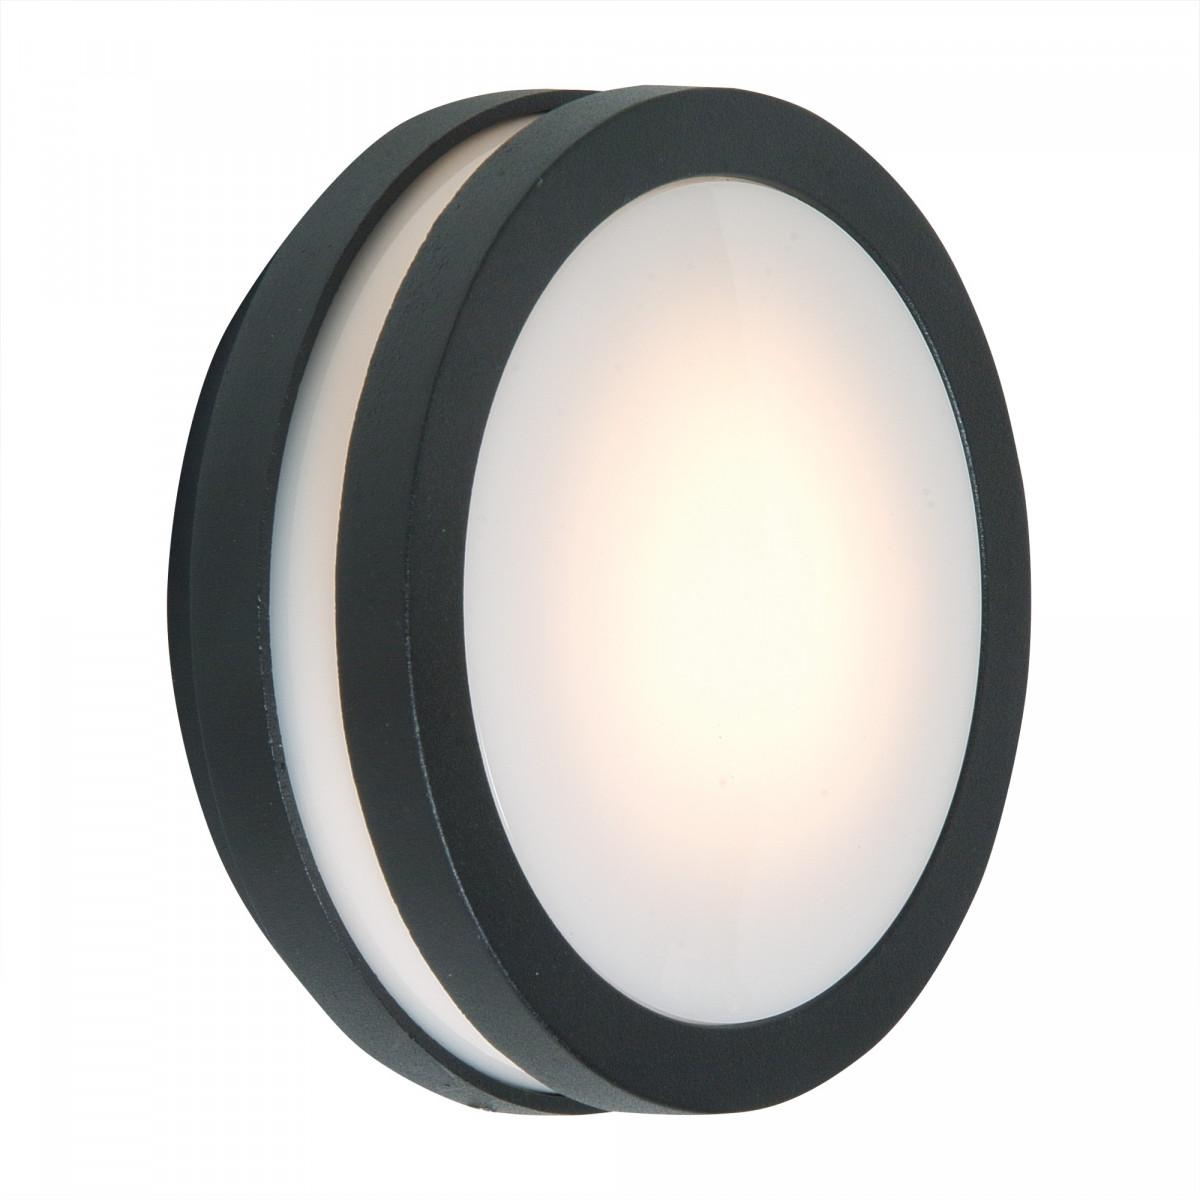 Buitenlamp Vision 2